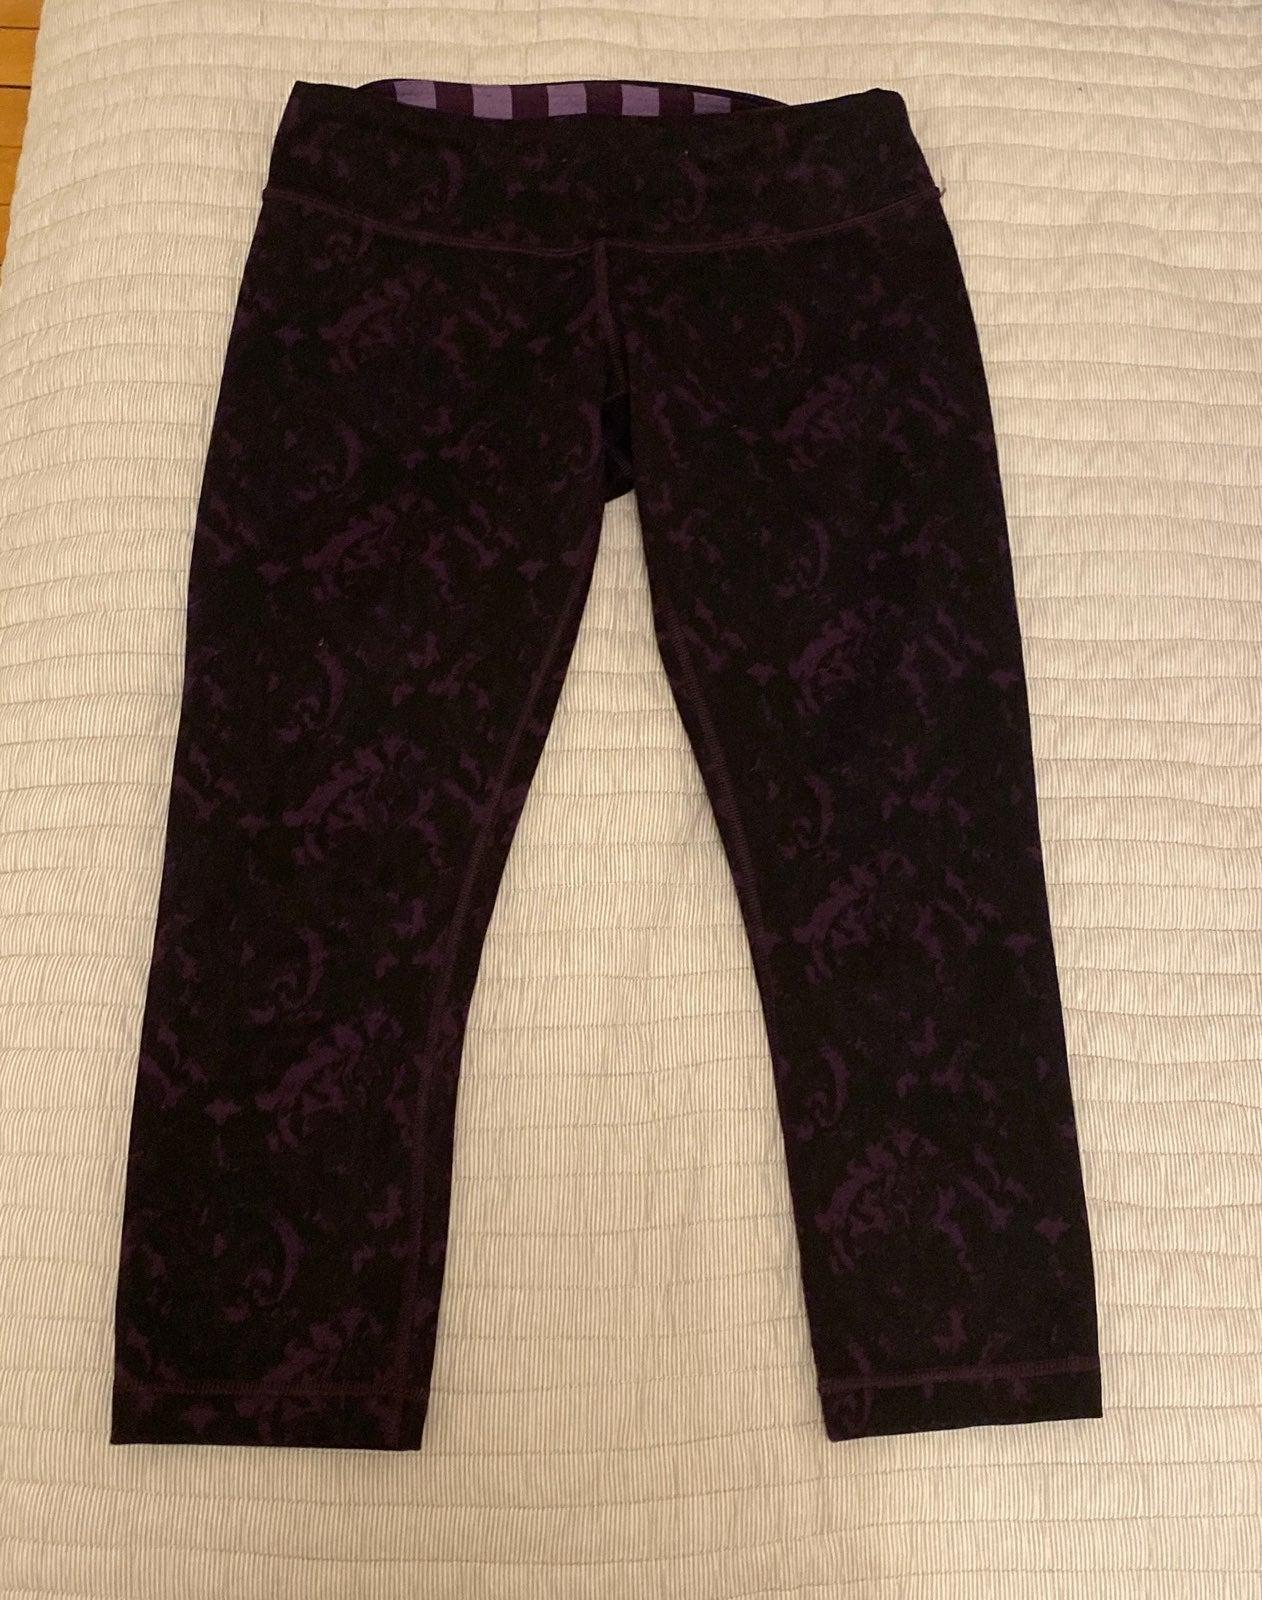 lululemon leggings size 6 tie dye